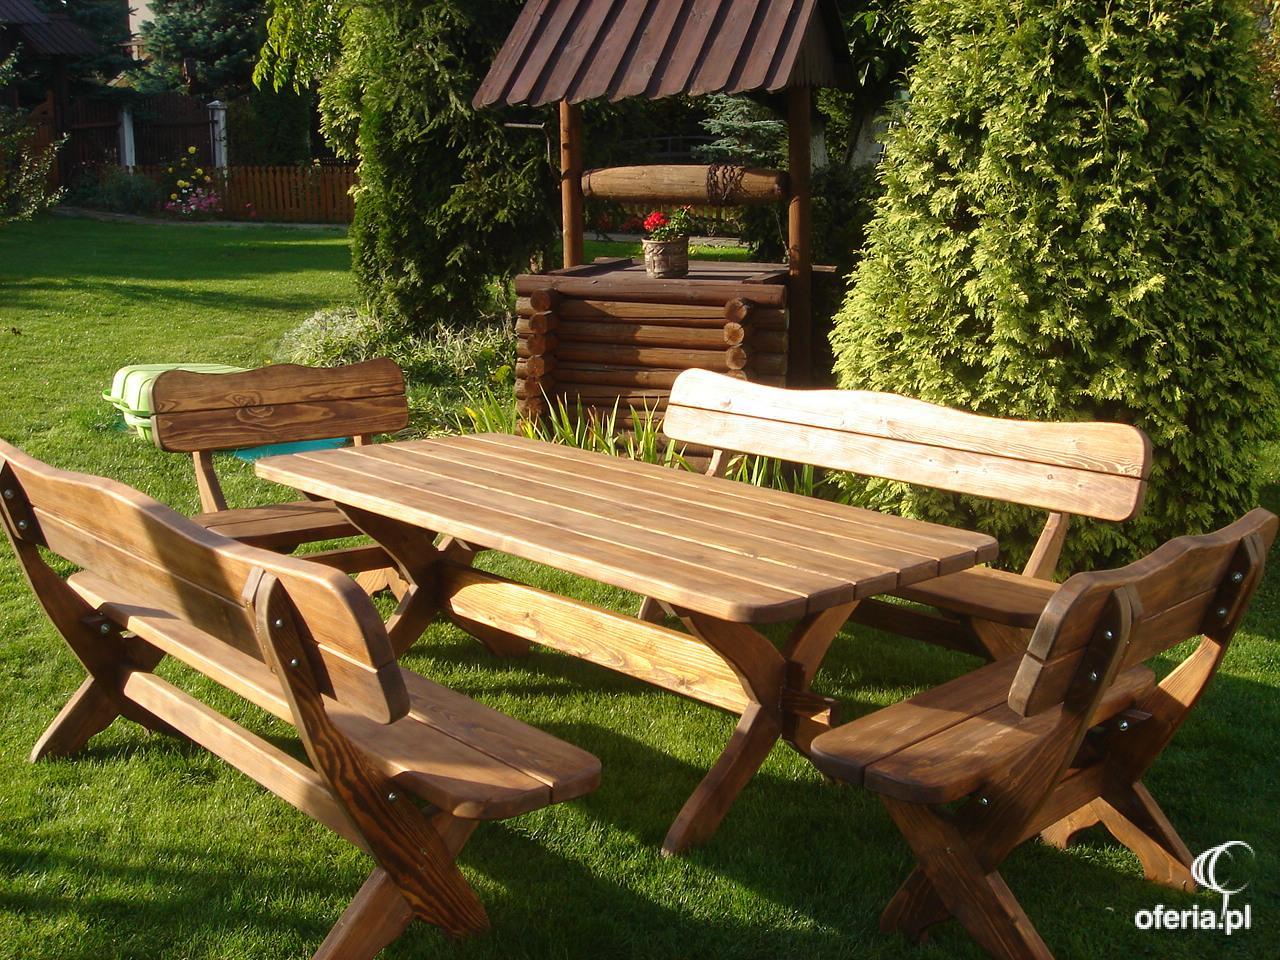 Meble Ogrodowe Drewniane Leroy Merlin : Dokładność i szybkośćBarbara Rapiej Sokółka i okolice